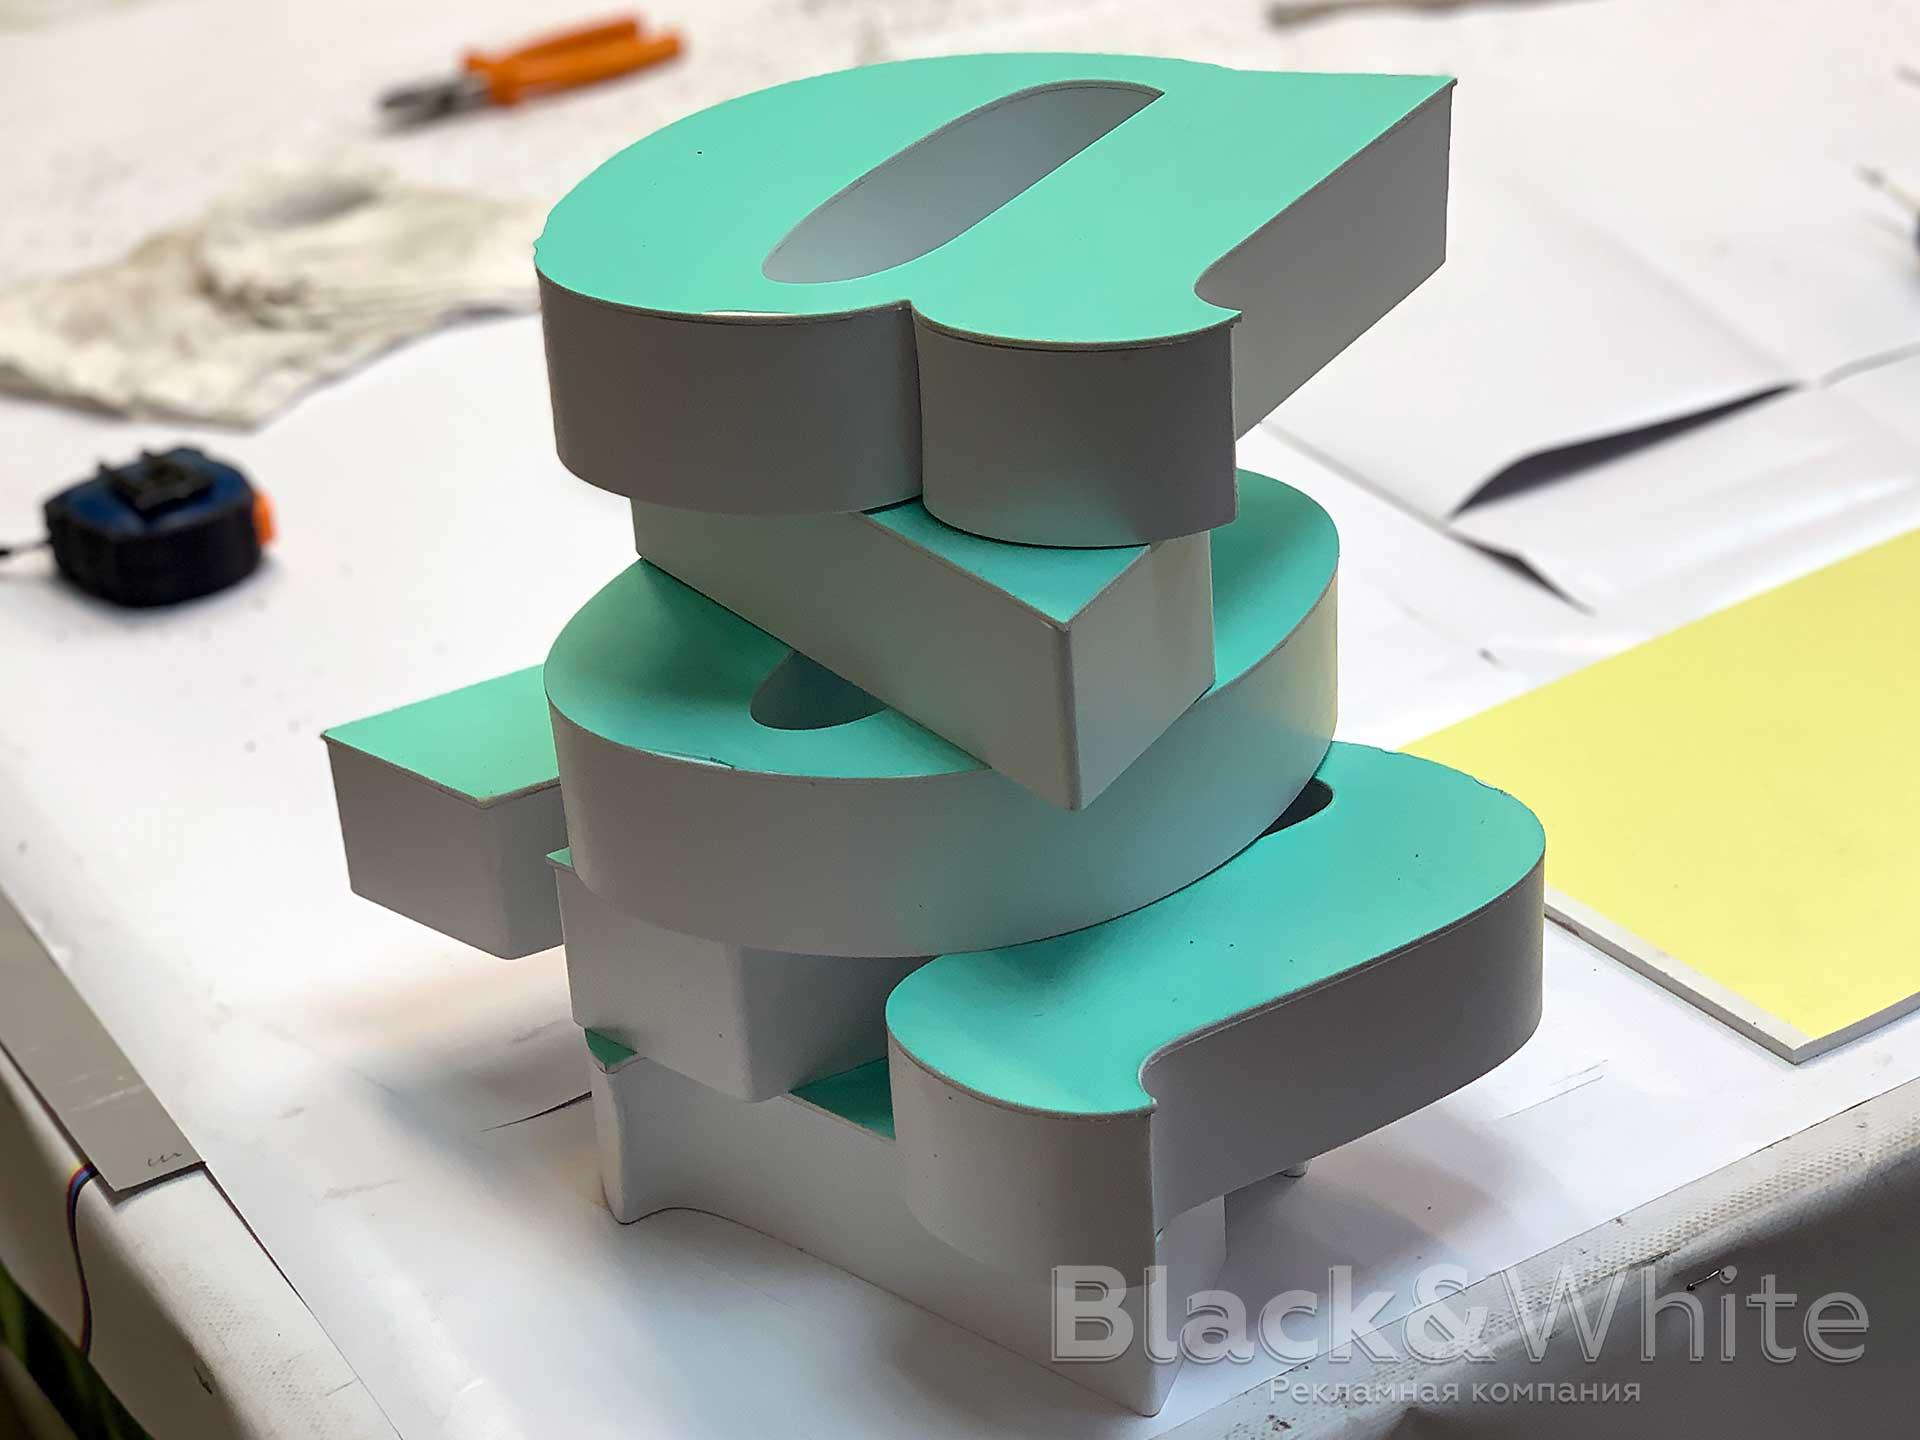 Объемные-буквы-без-подсветки-в-Красноярске-изготовление-на-заказ-3.jpg